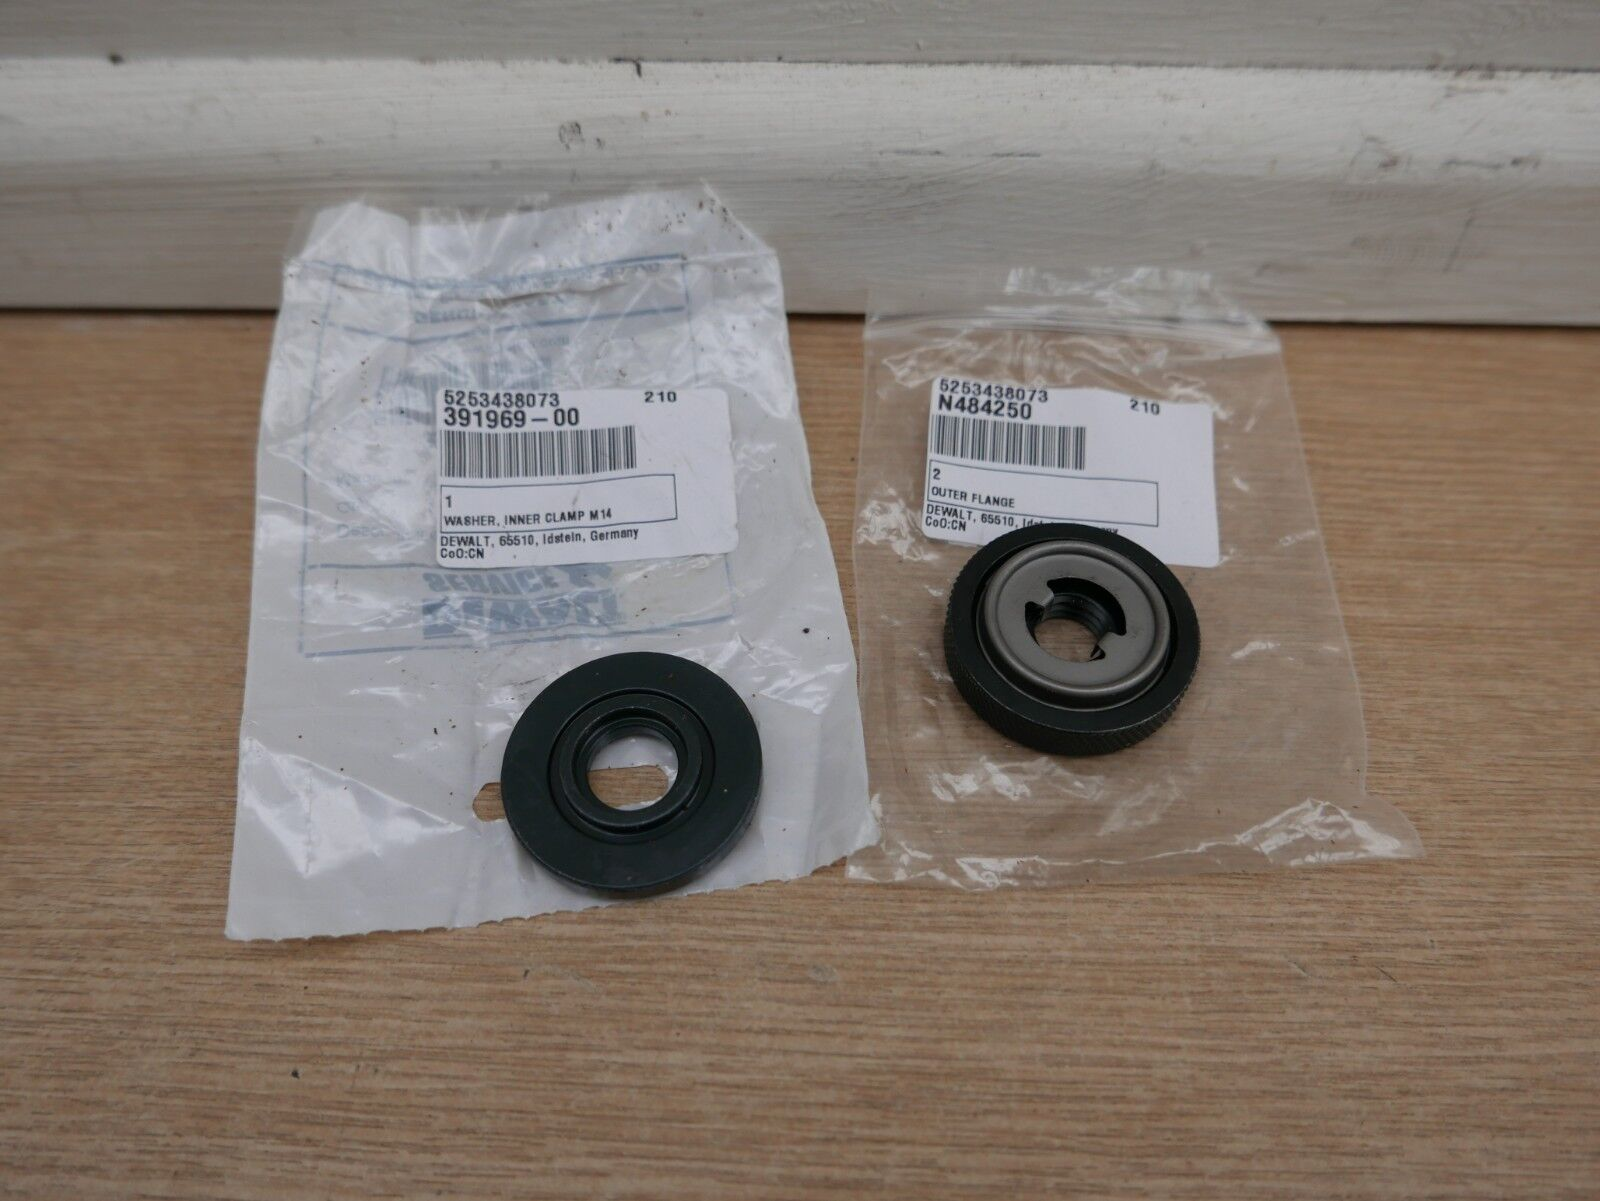 DEWALT DCG405 DCG414 ANGLE GRINDER M14 INNER /& OUTER FLANGES 391969-00 /& N484250